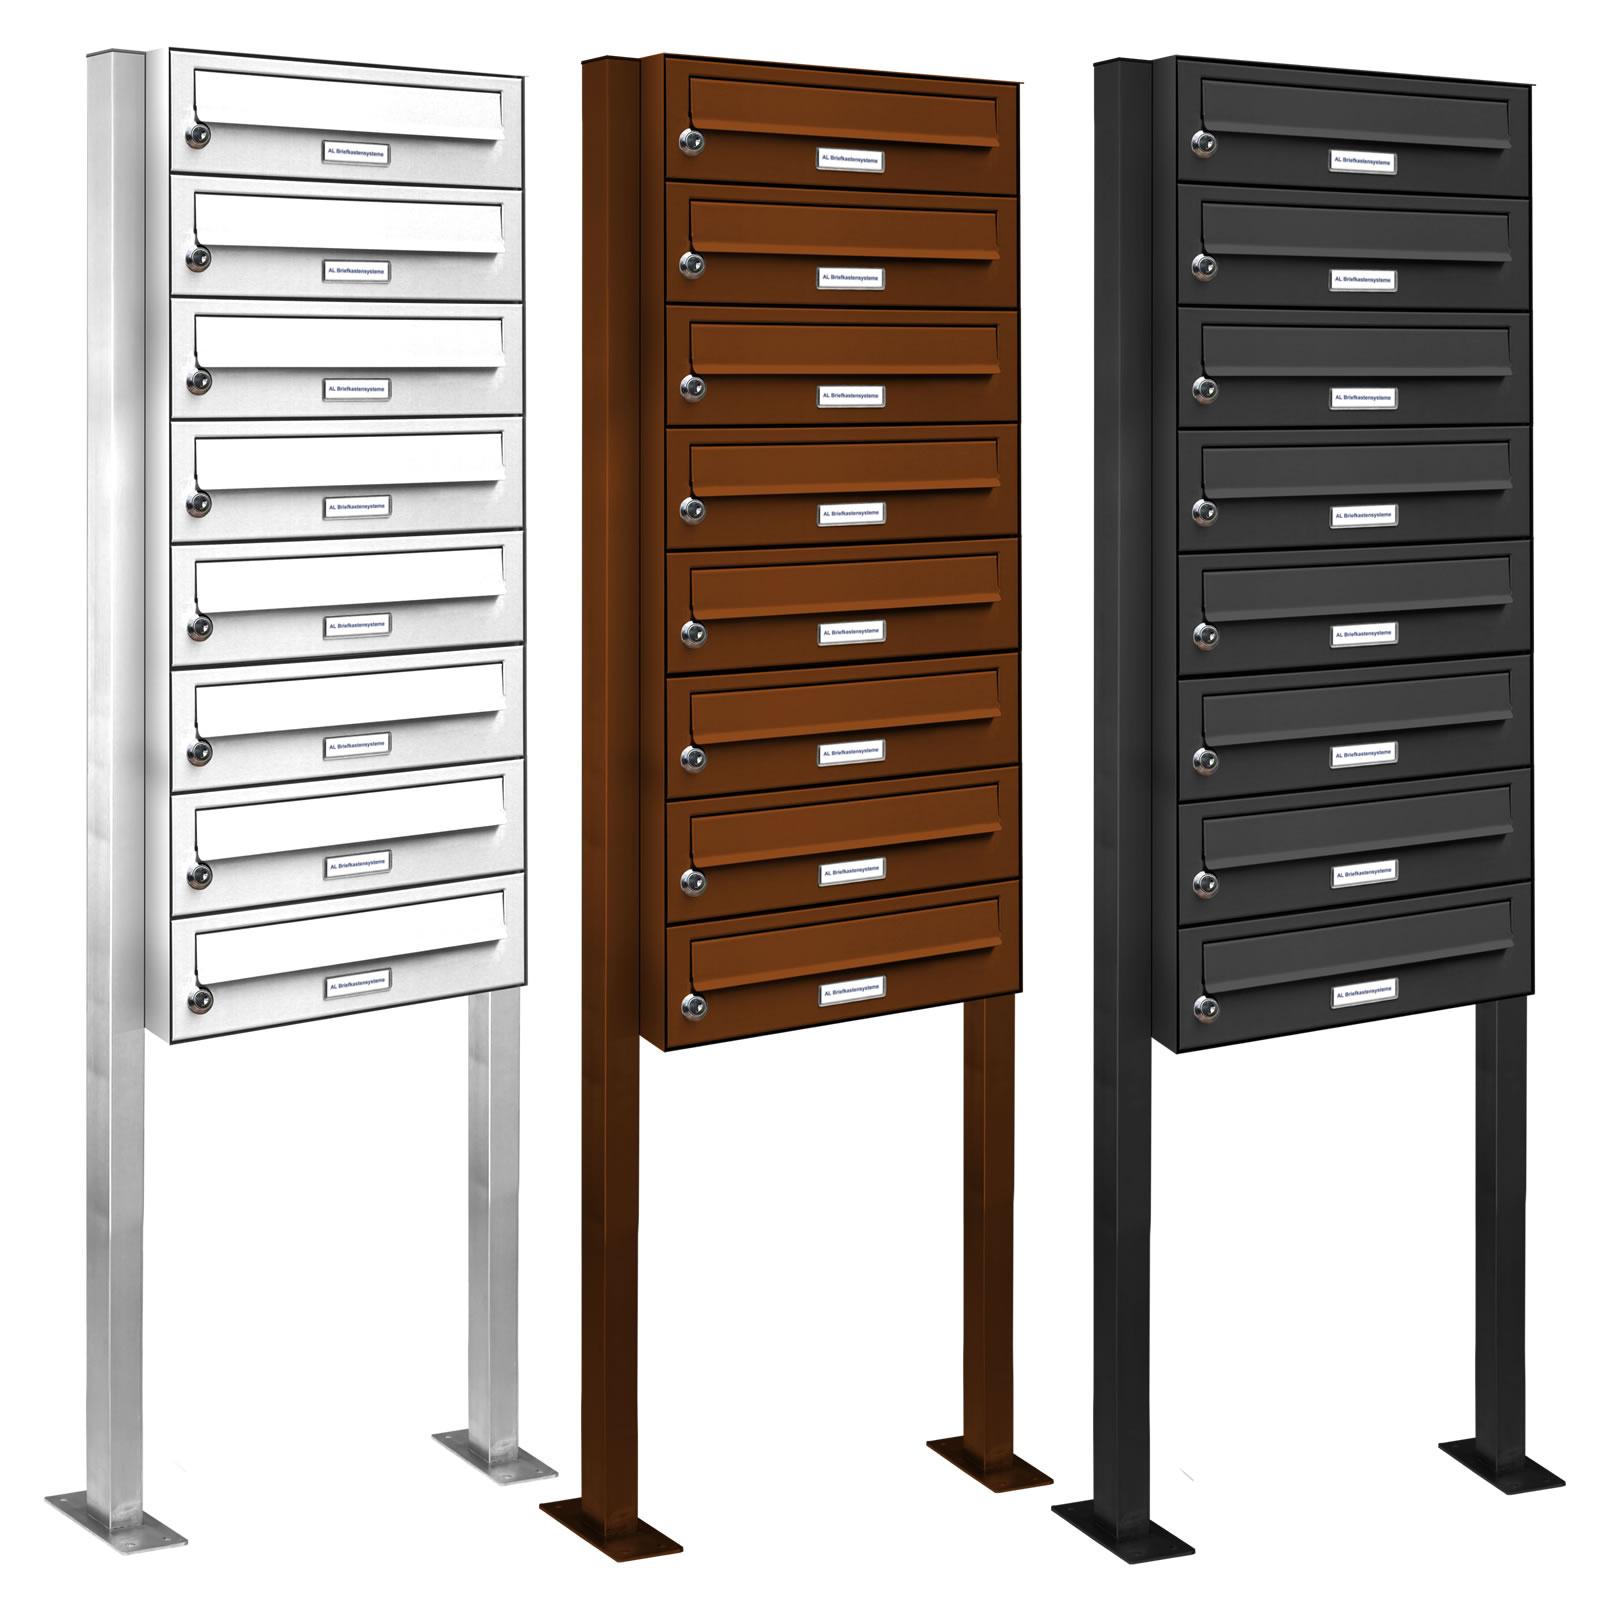 8er briefkasten standanlage pulverbeschichtet post liegend neu. Black Bedroom Furniture Sets. Home Design Ideas